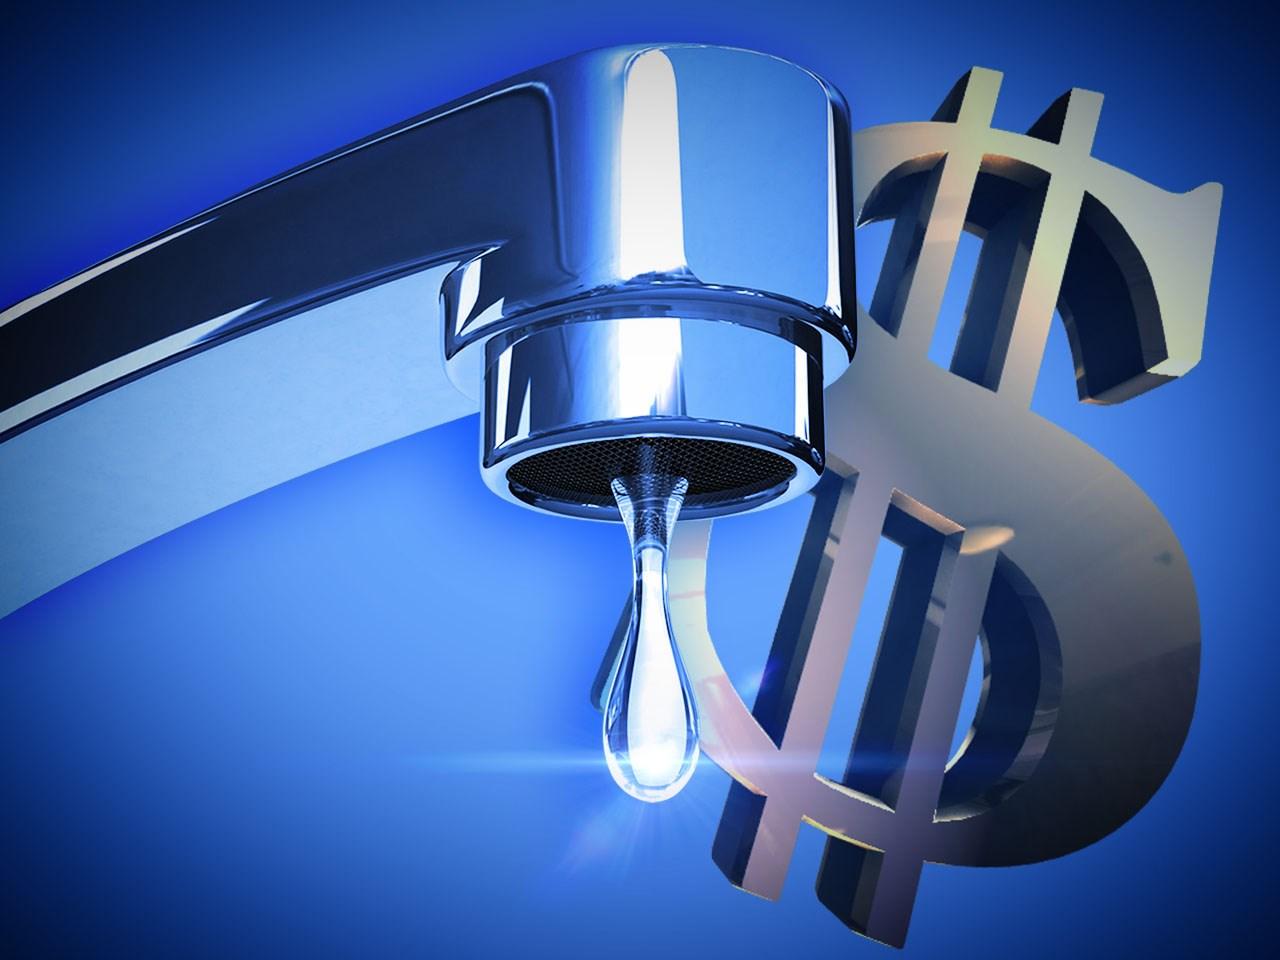 faucet_1533163874519.jpg